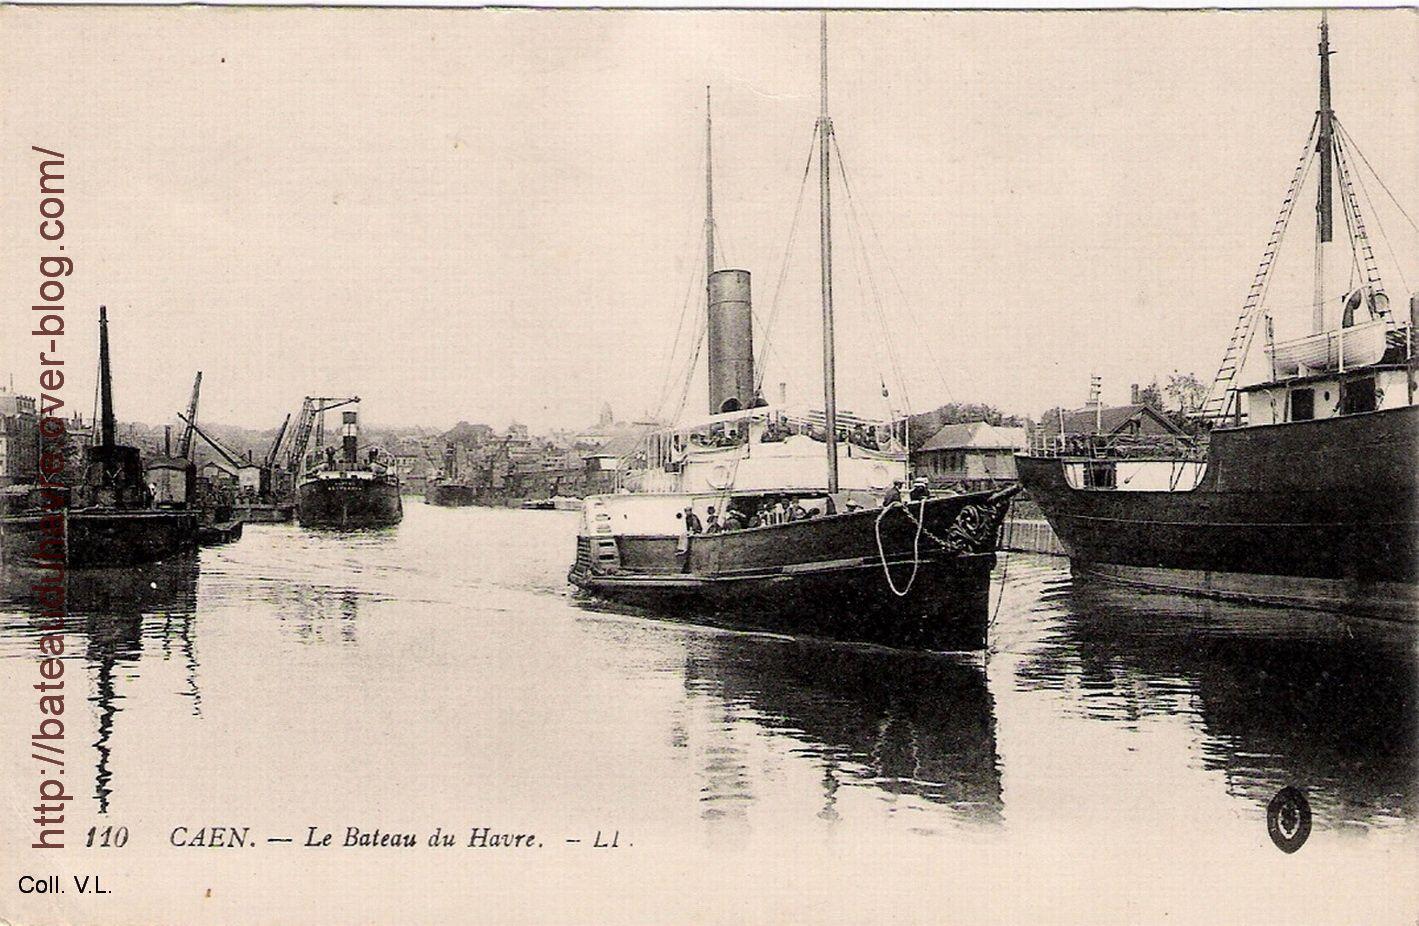 Le bateau du havre dans le bassin St Pierre